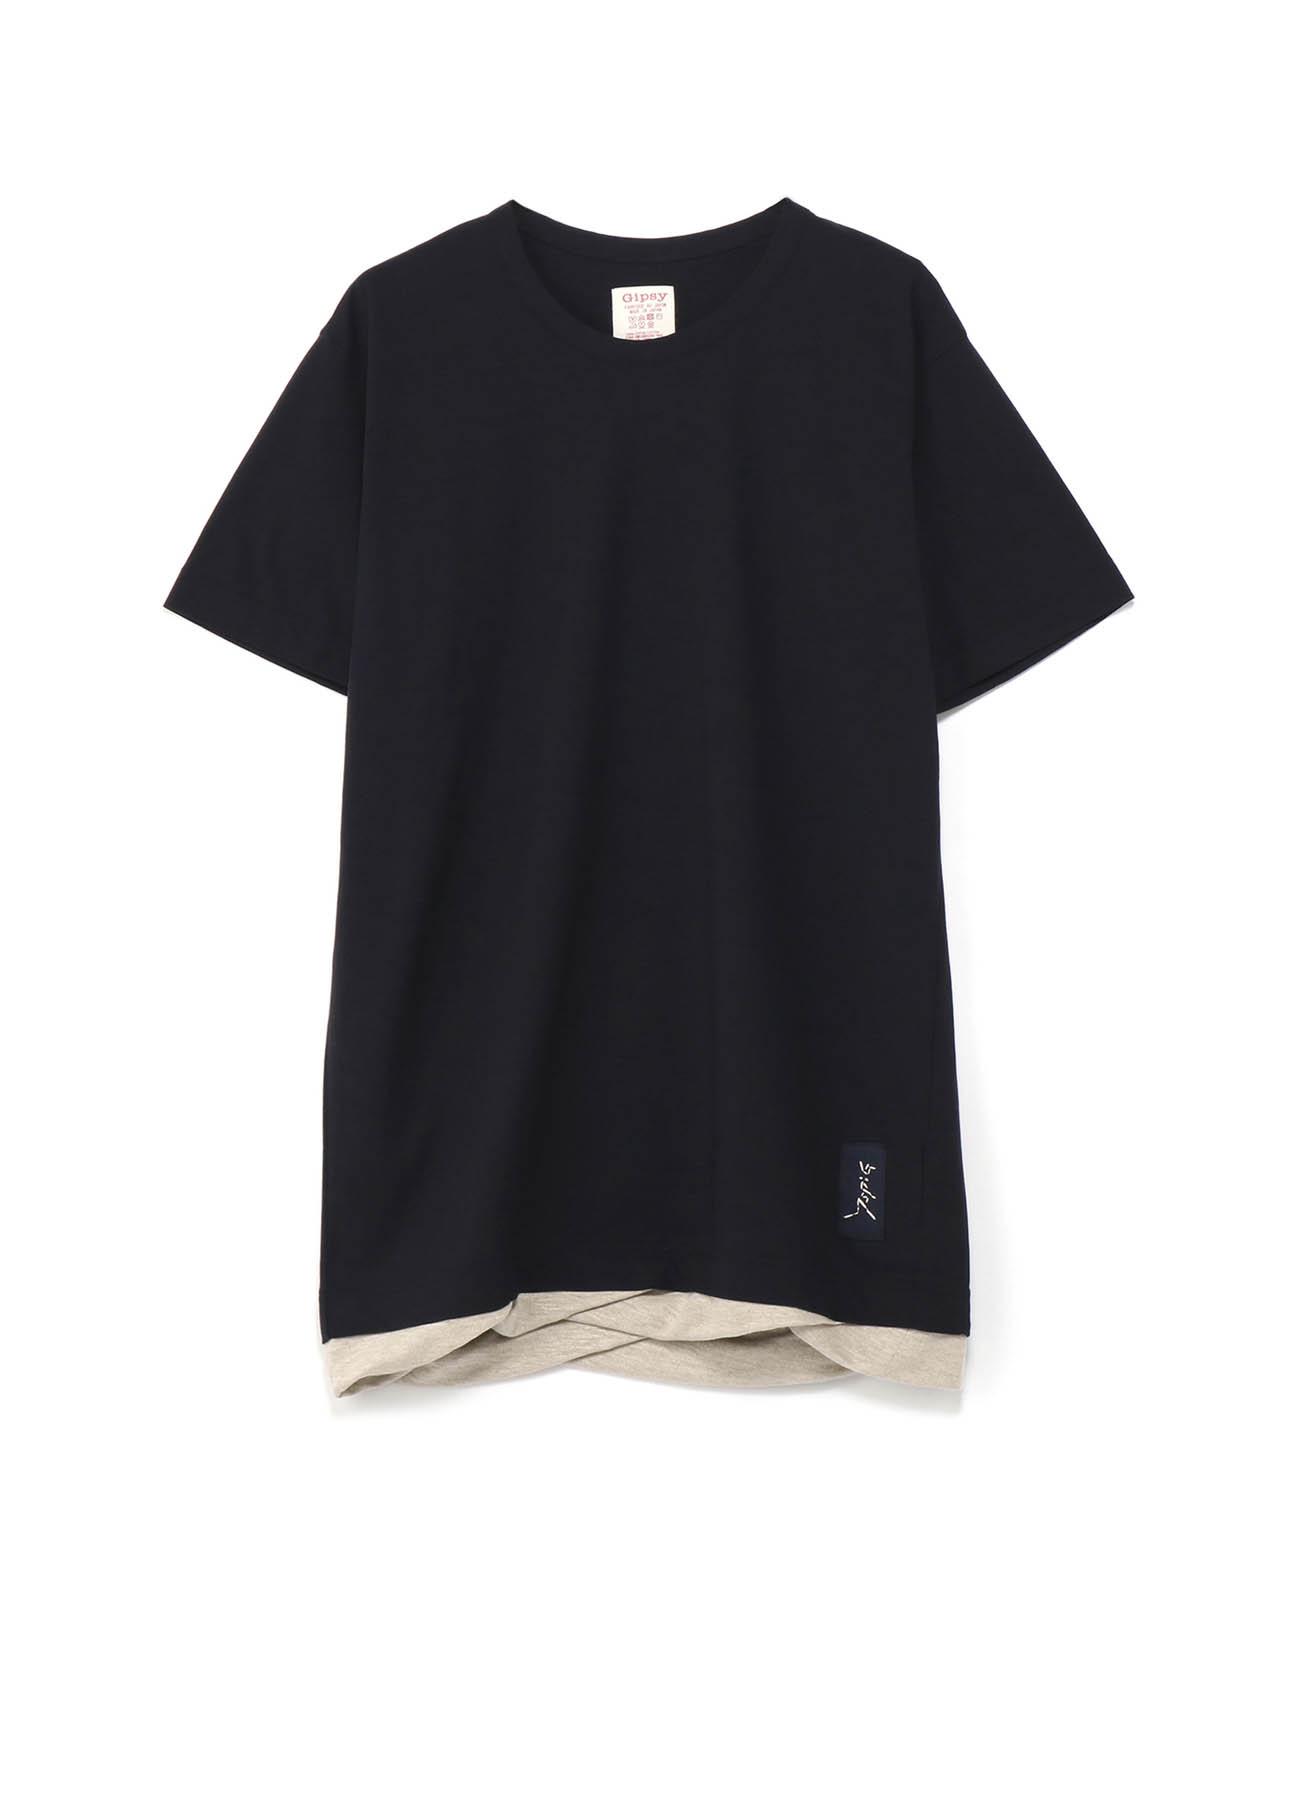 Gipsy コットン×リネン 裾ねじれビッグTシャツ